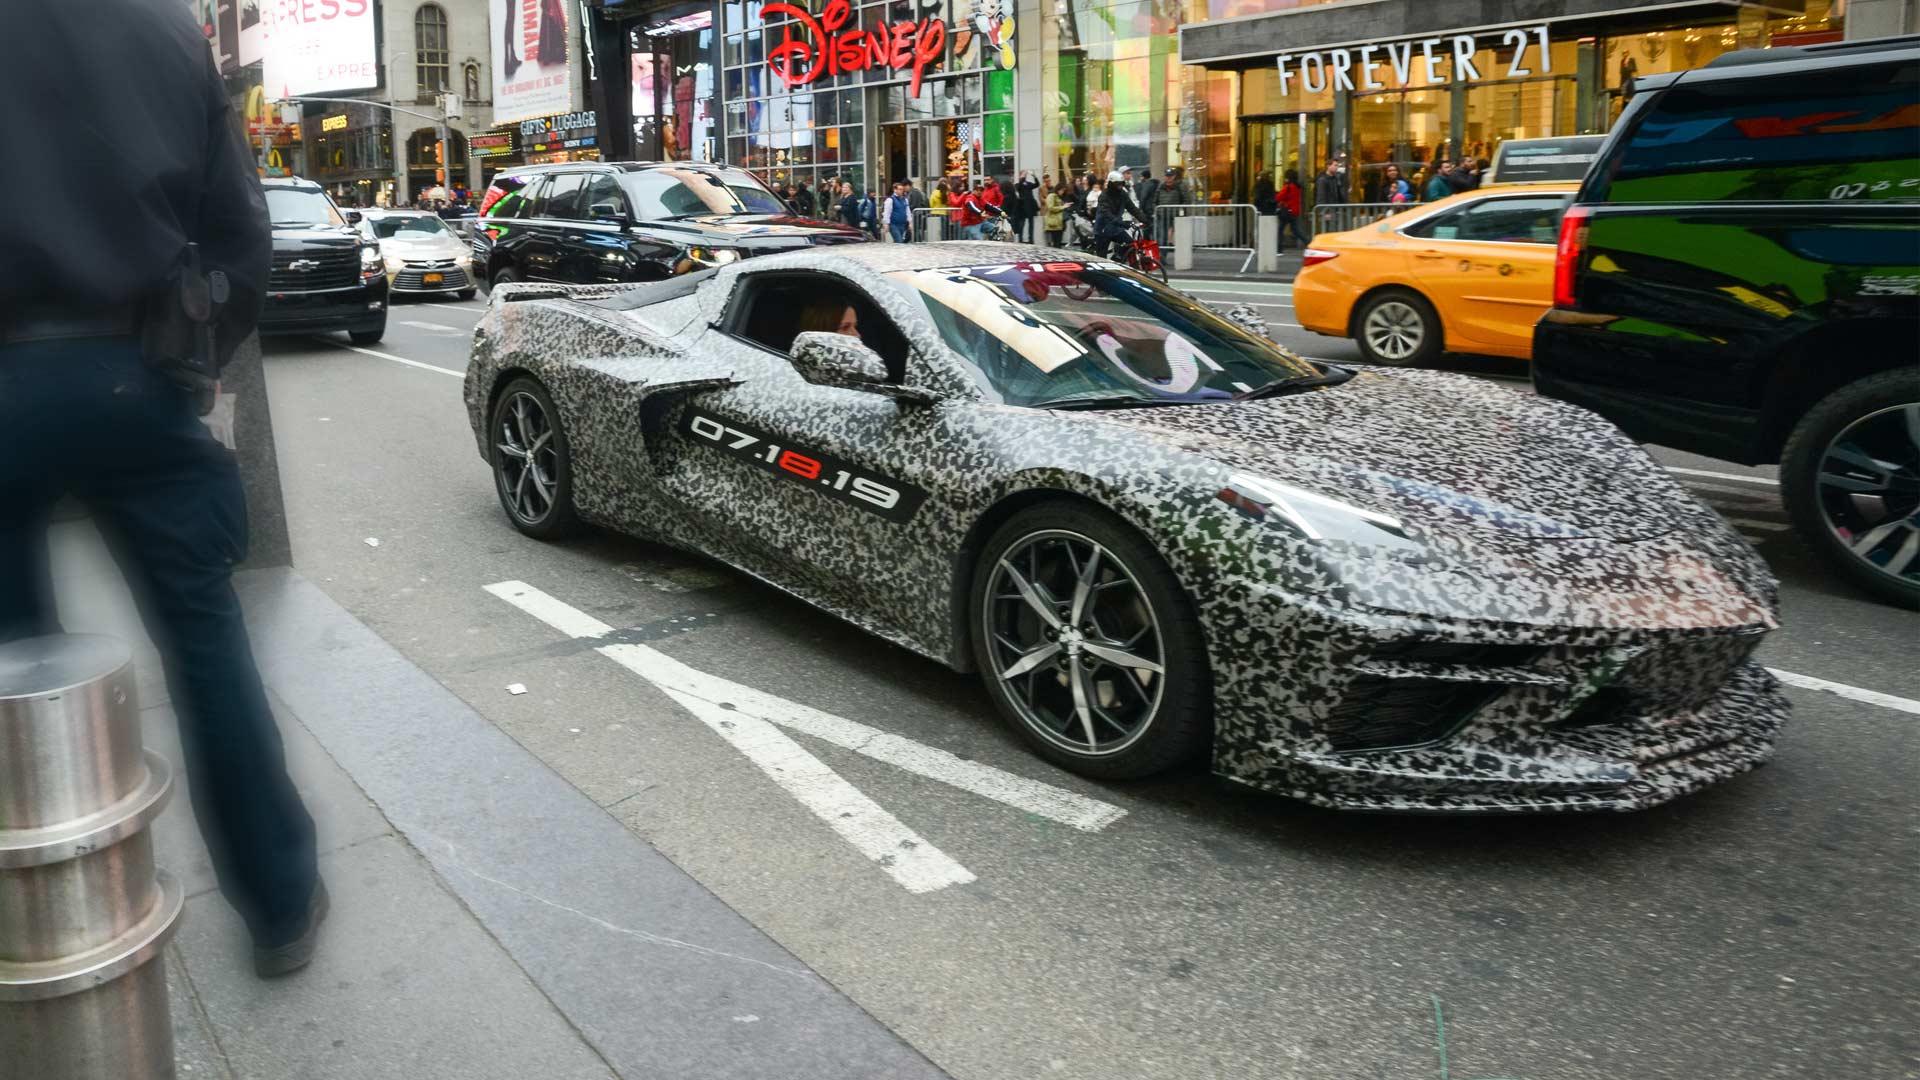 Next-Gen-C8-Corvette-Camouflaged-Prototype-NYC